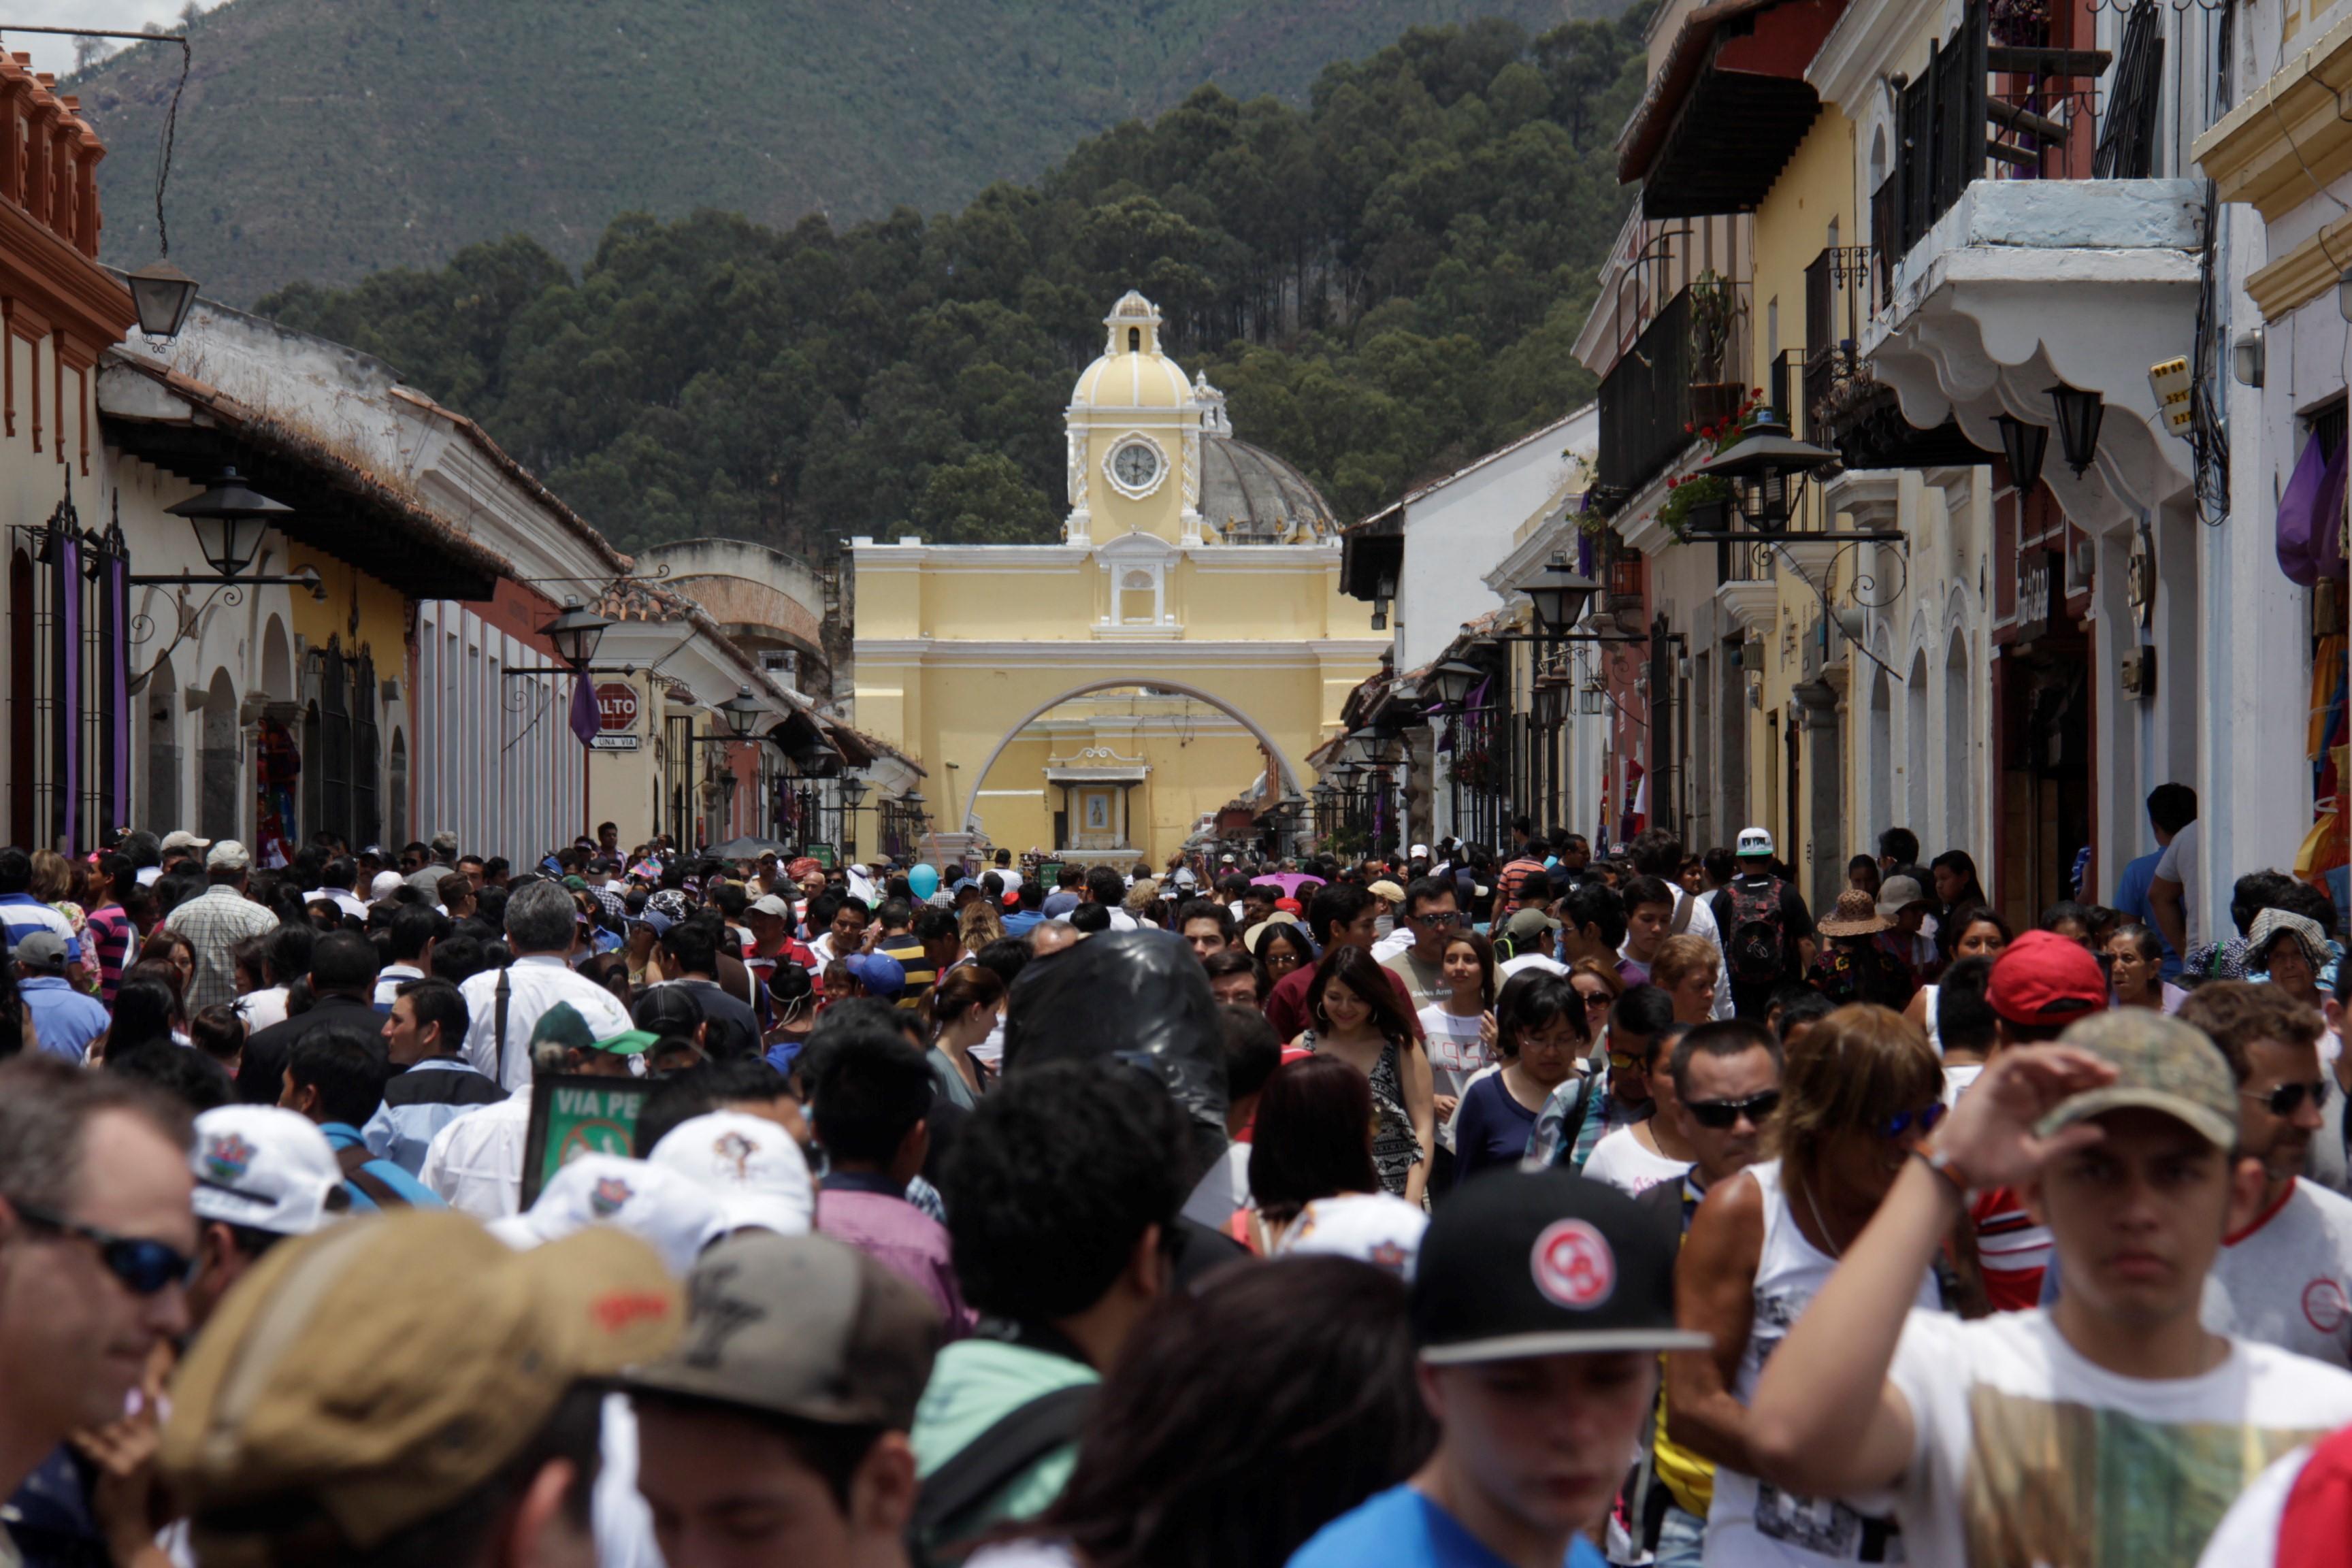 La ciudad Colonial  de Antigua Guatemala es durante Semana Santa, el destino turístico más visitado. (Foto, Prensa Libre: Inguat).